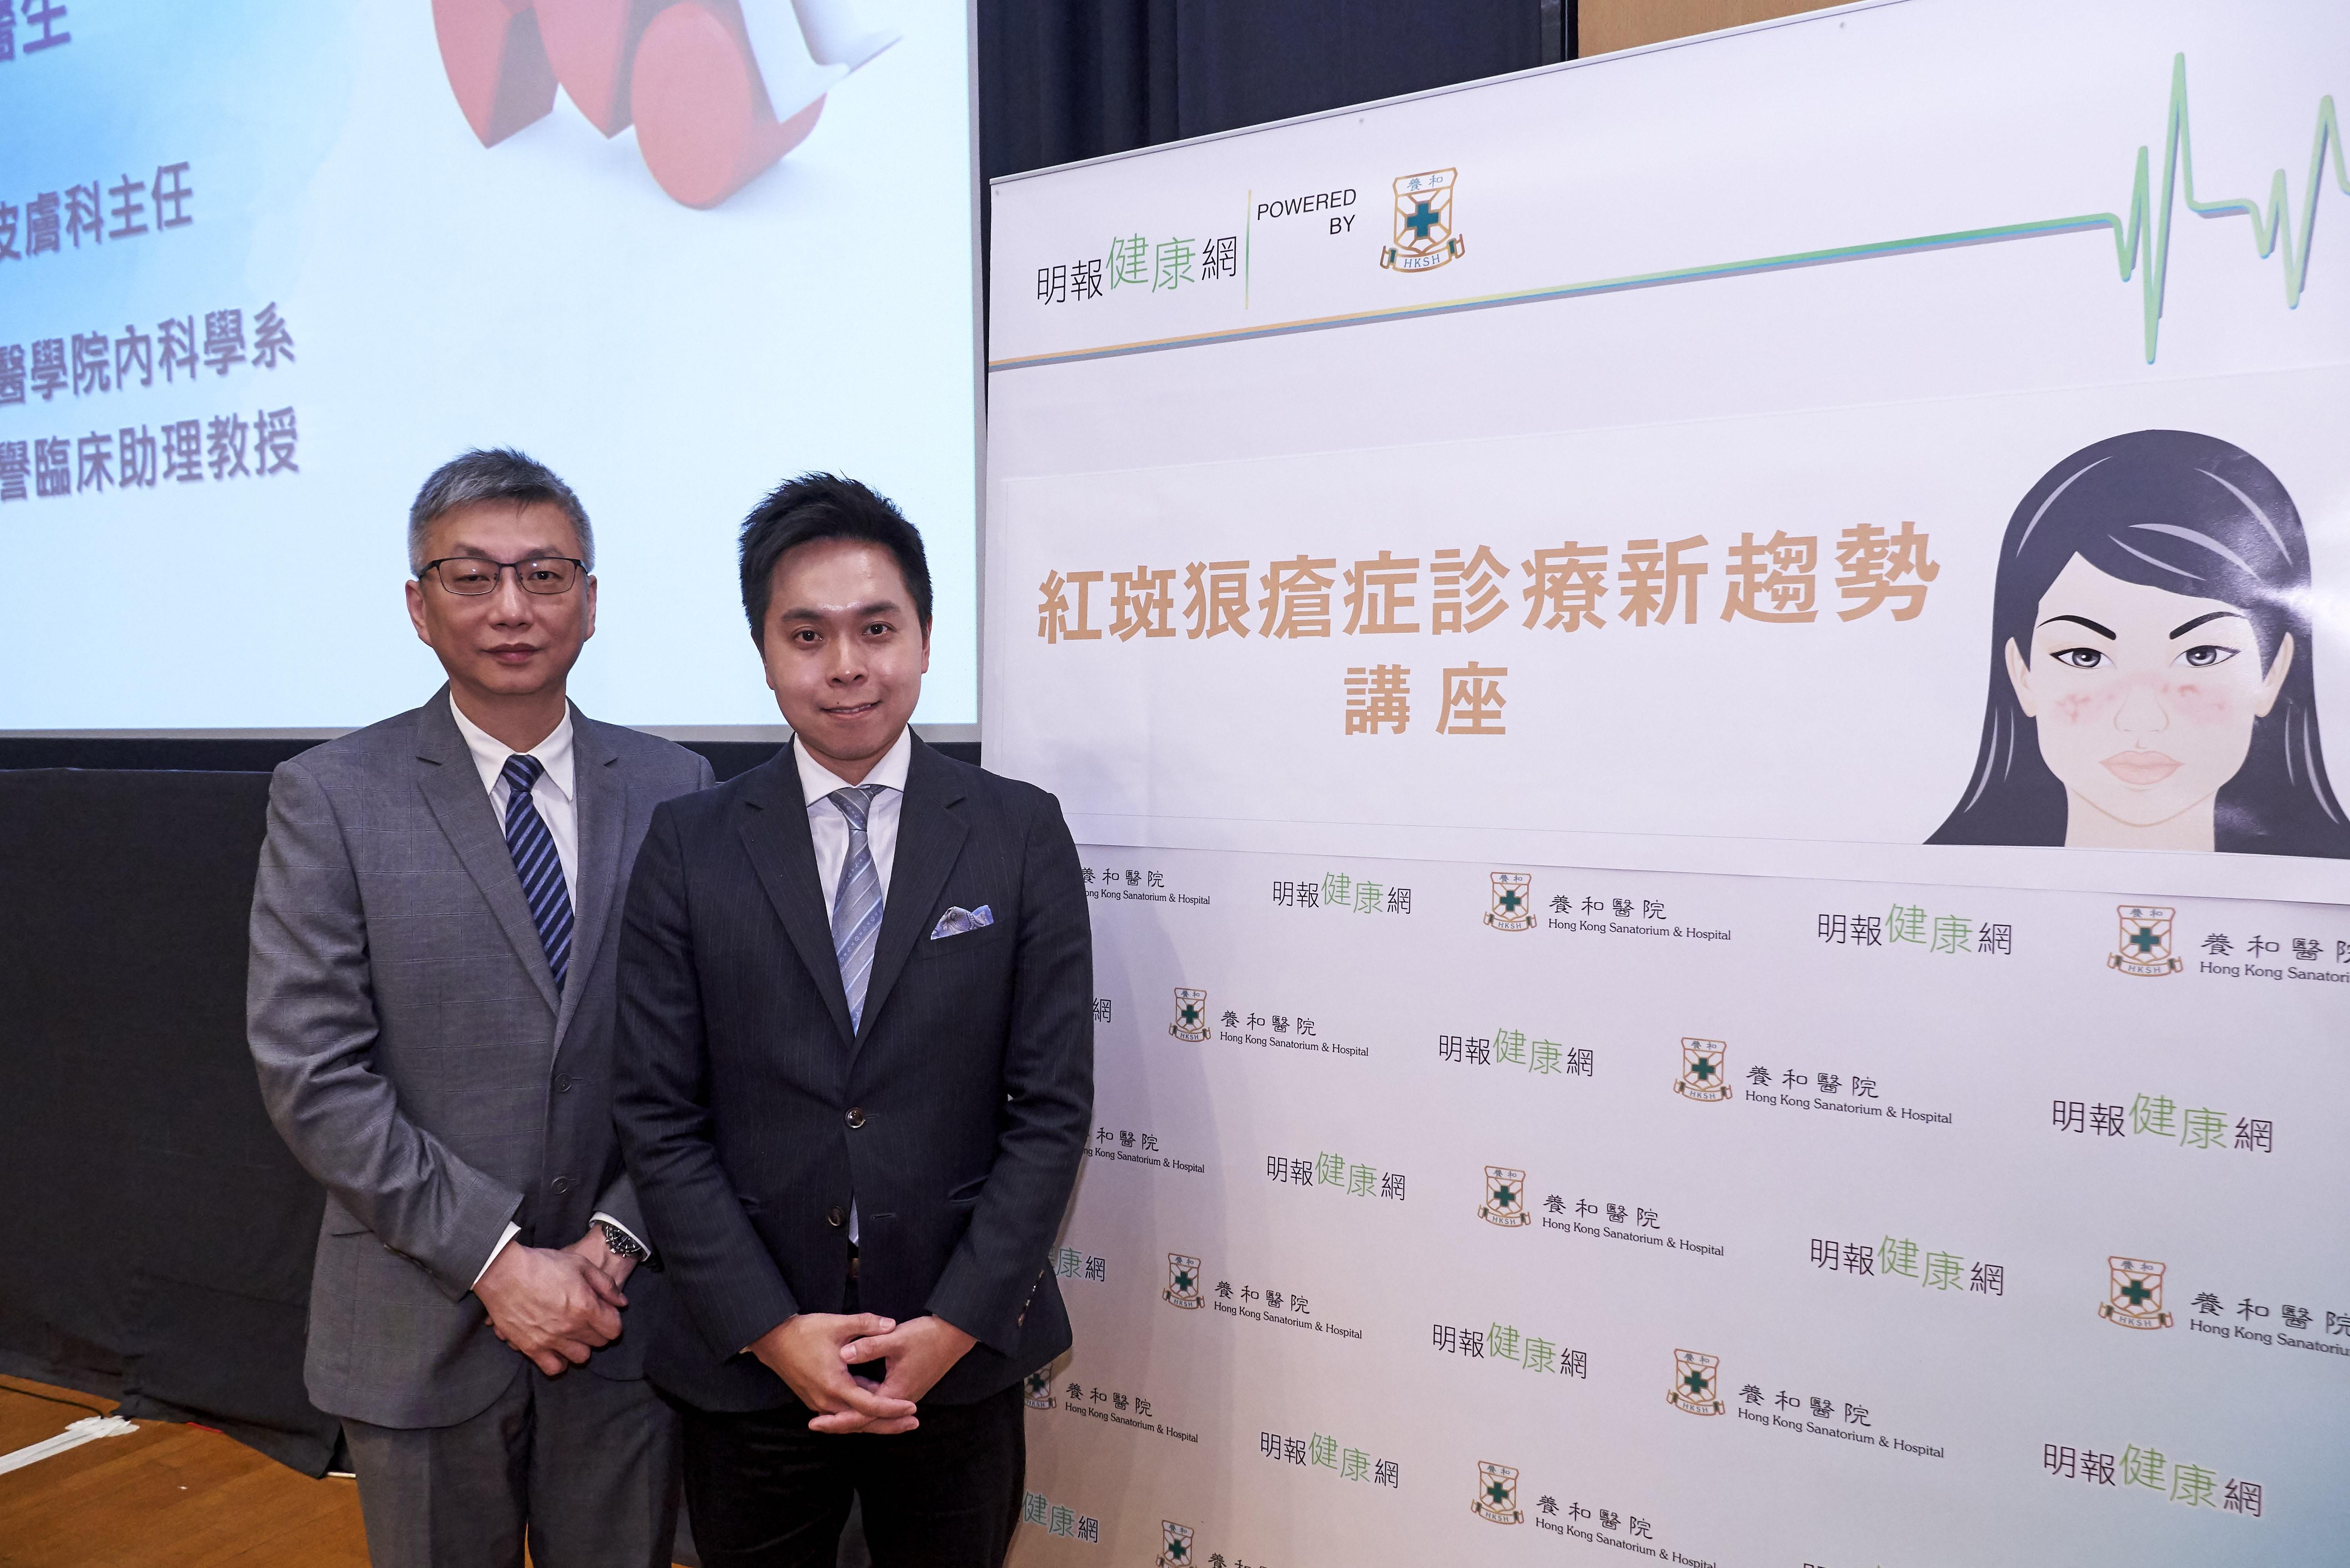 養和醫院,皮膚科主任,陳俊彥醫生,風濕病科中心主任,李家榮醫生